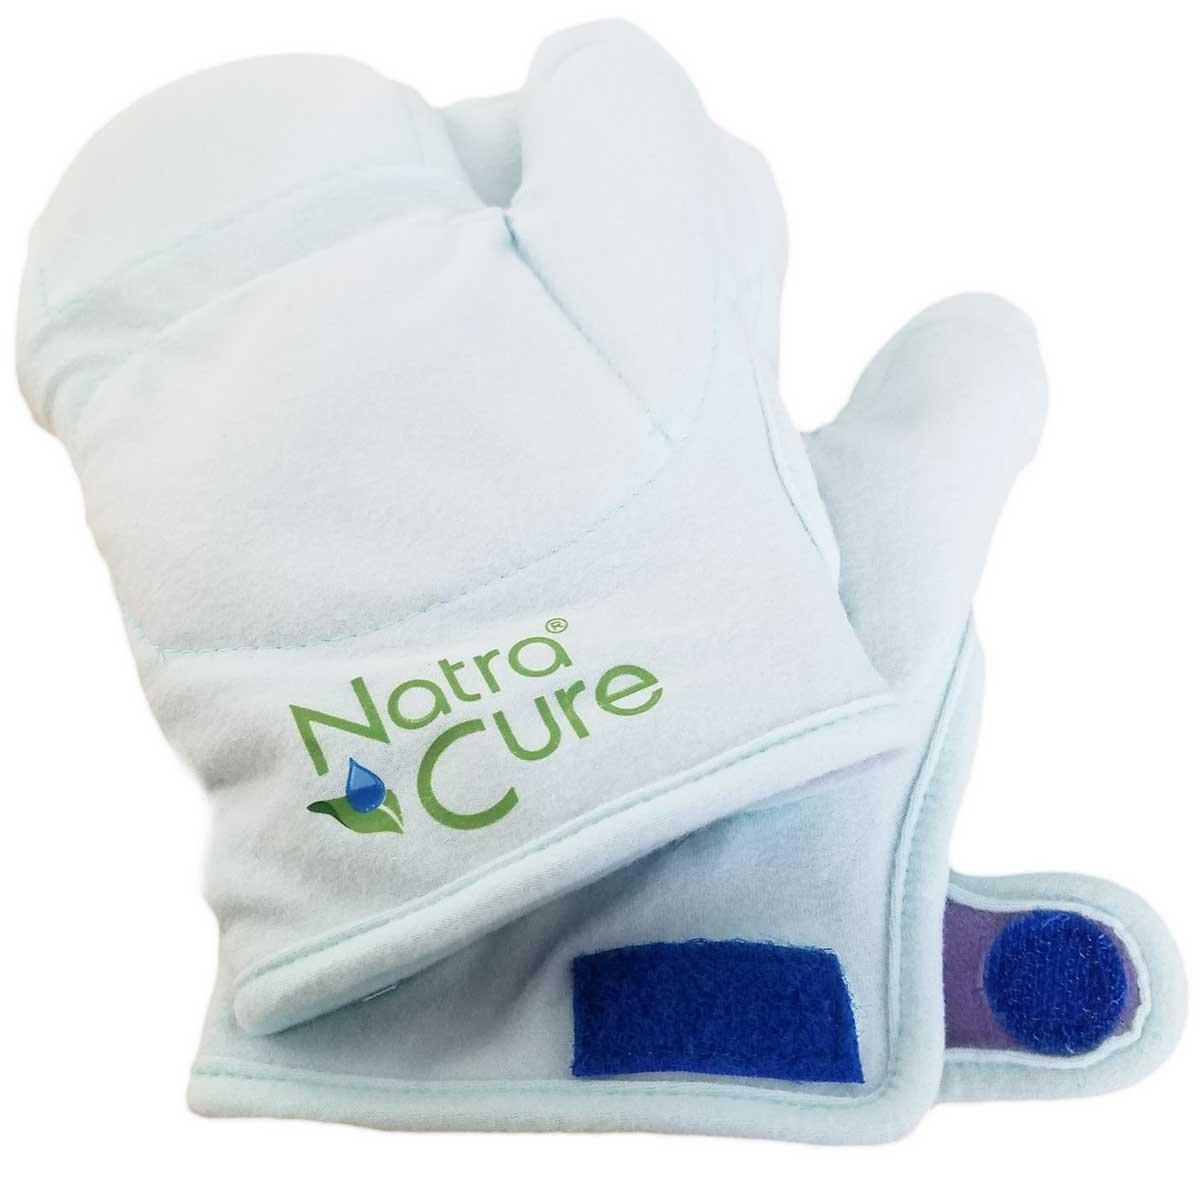 NatraCure Arthrite Réchauffement de la Chaleur Mitaines/Gants (sans Gel) - (Pour le soulagement de la douleur arthrosique, des articulations raides et de l'inflammation)